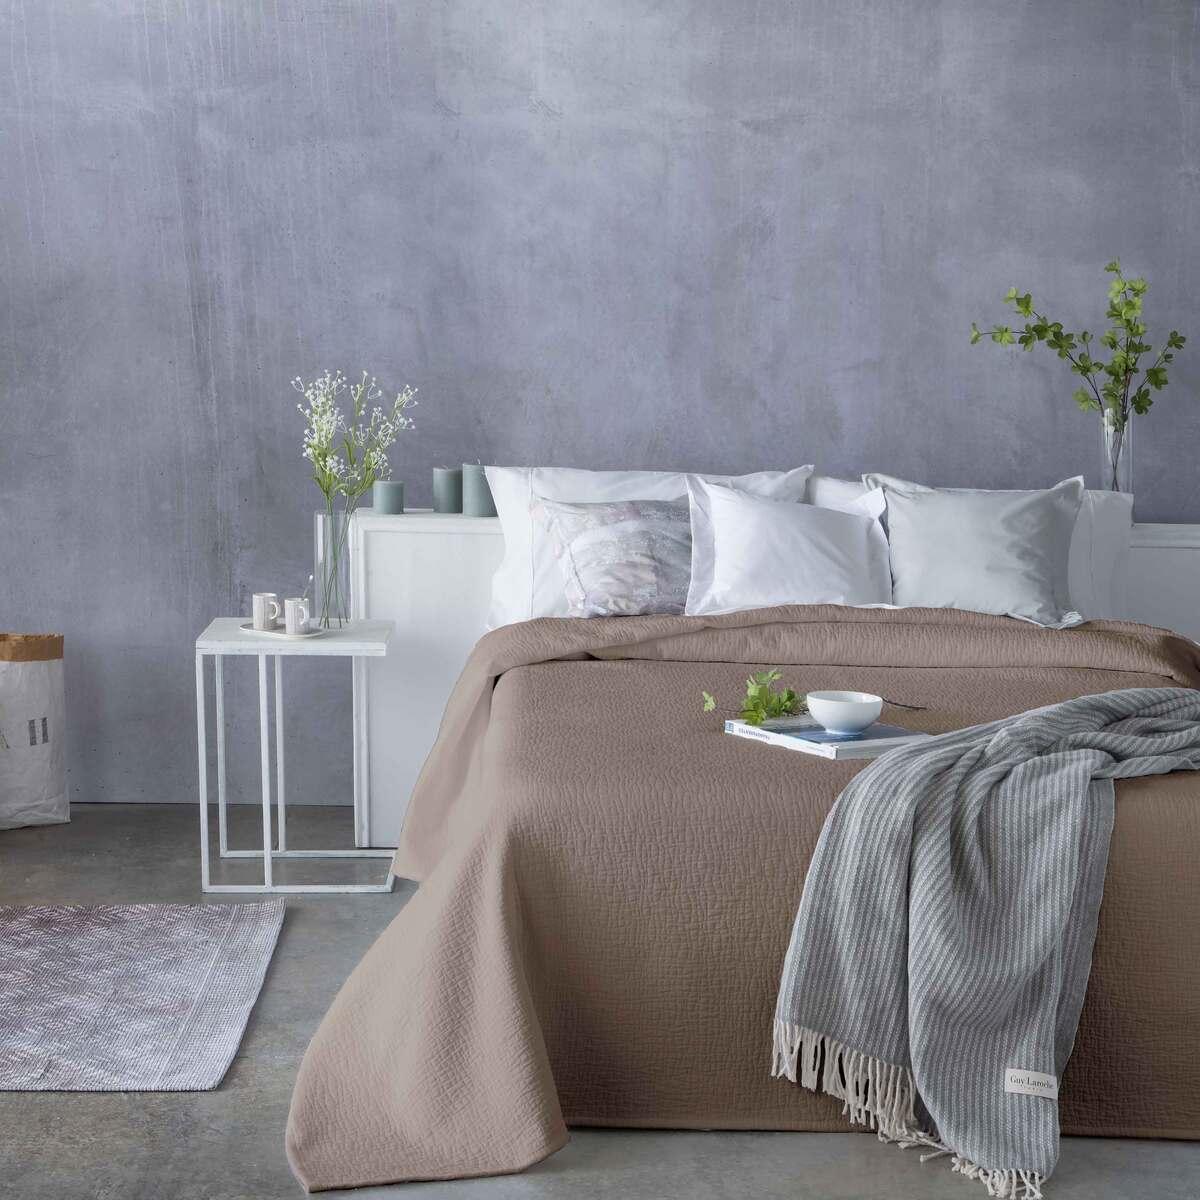 Couvre lit en coton marron 180x270